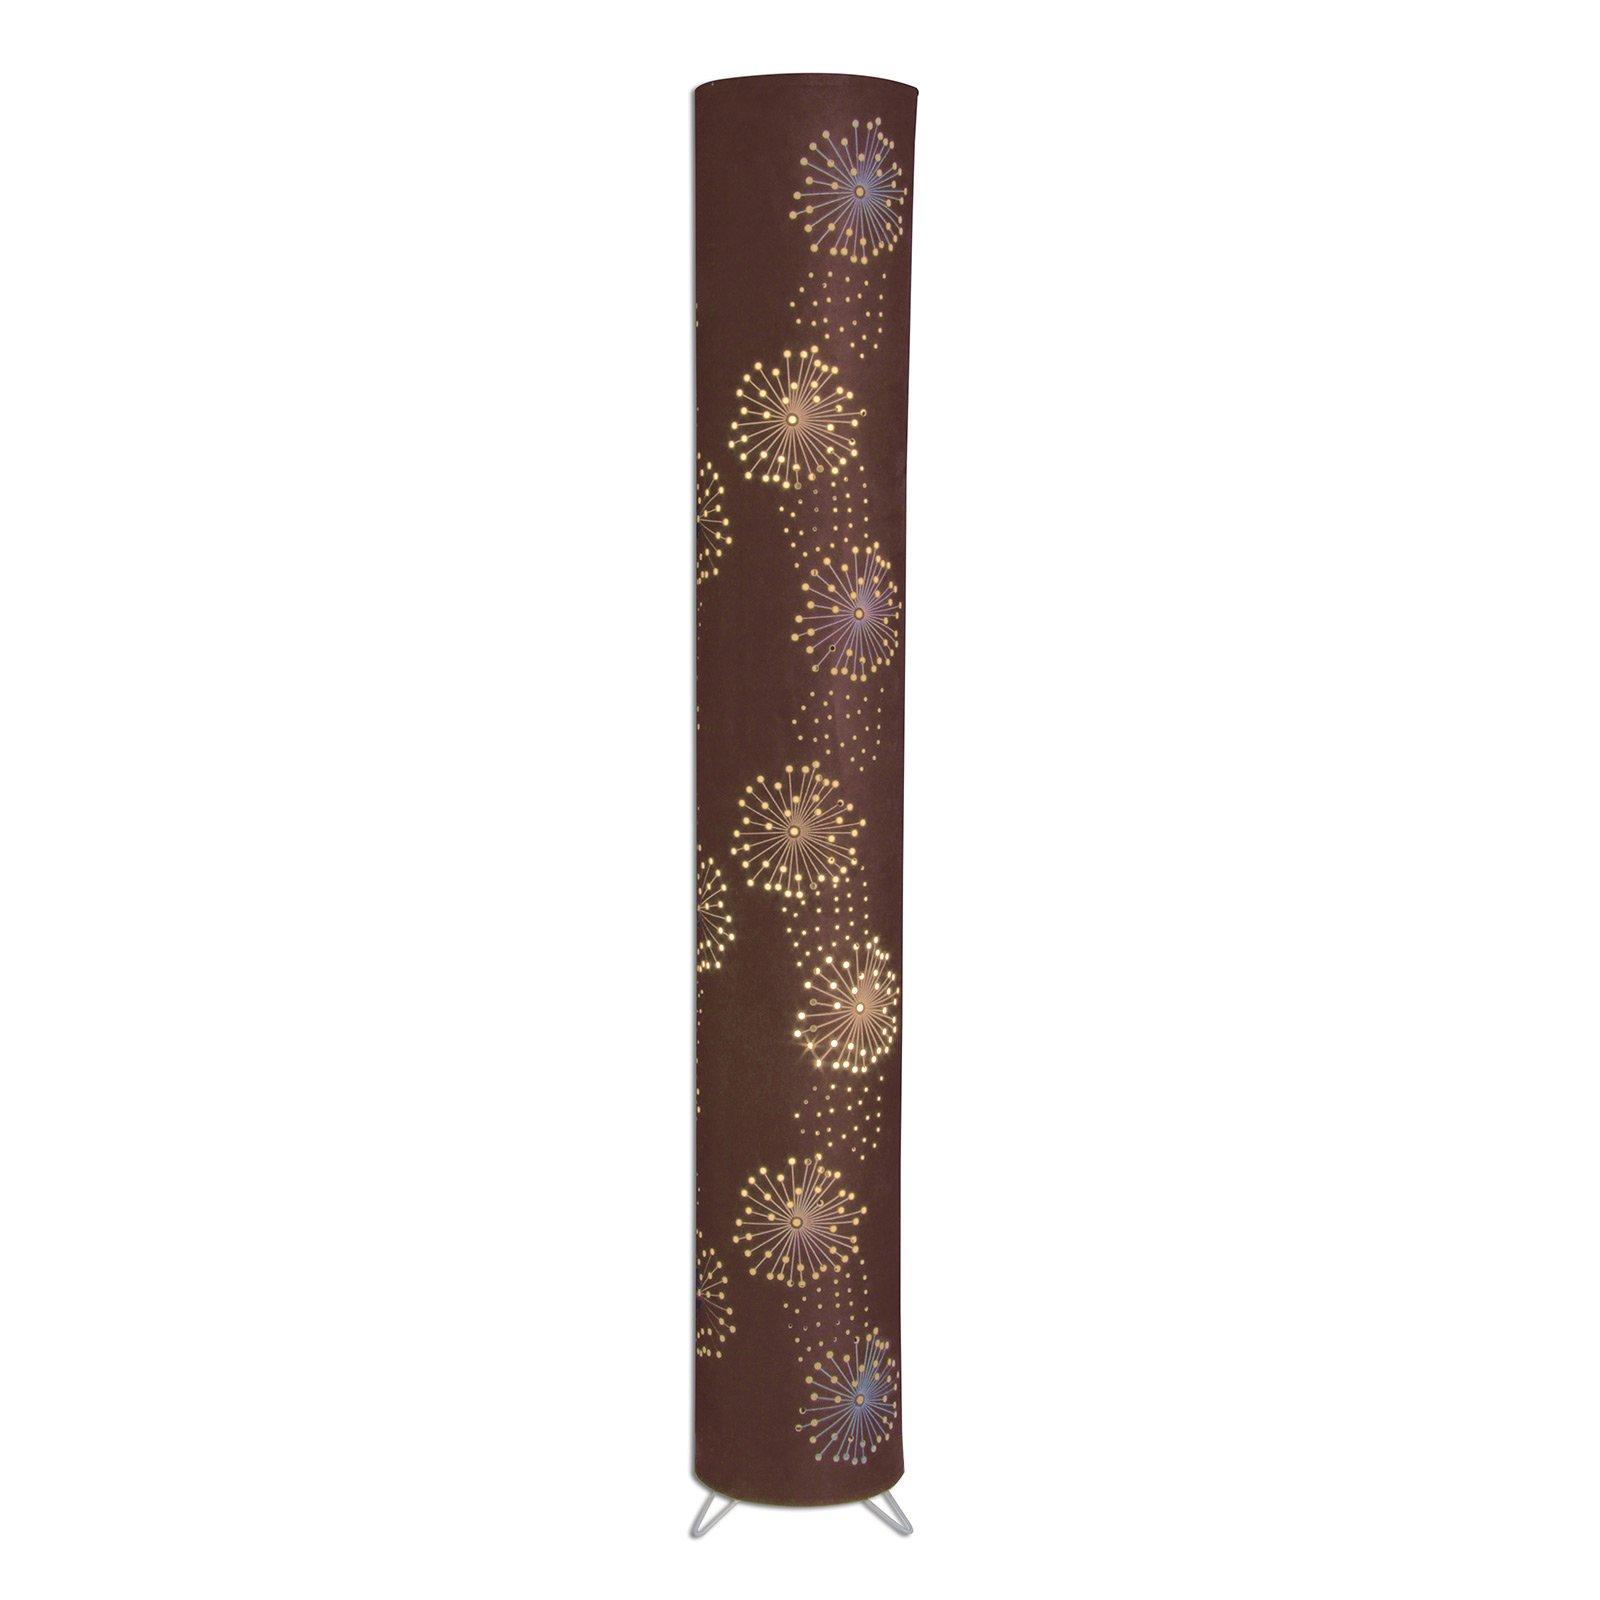 Aurona gulvlampe av stoff med perforert mønster